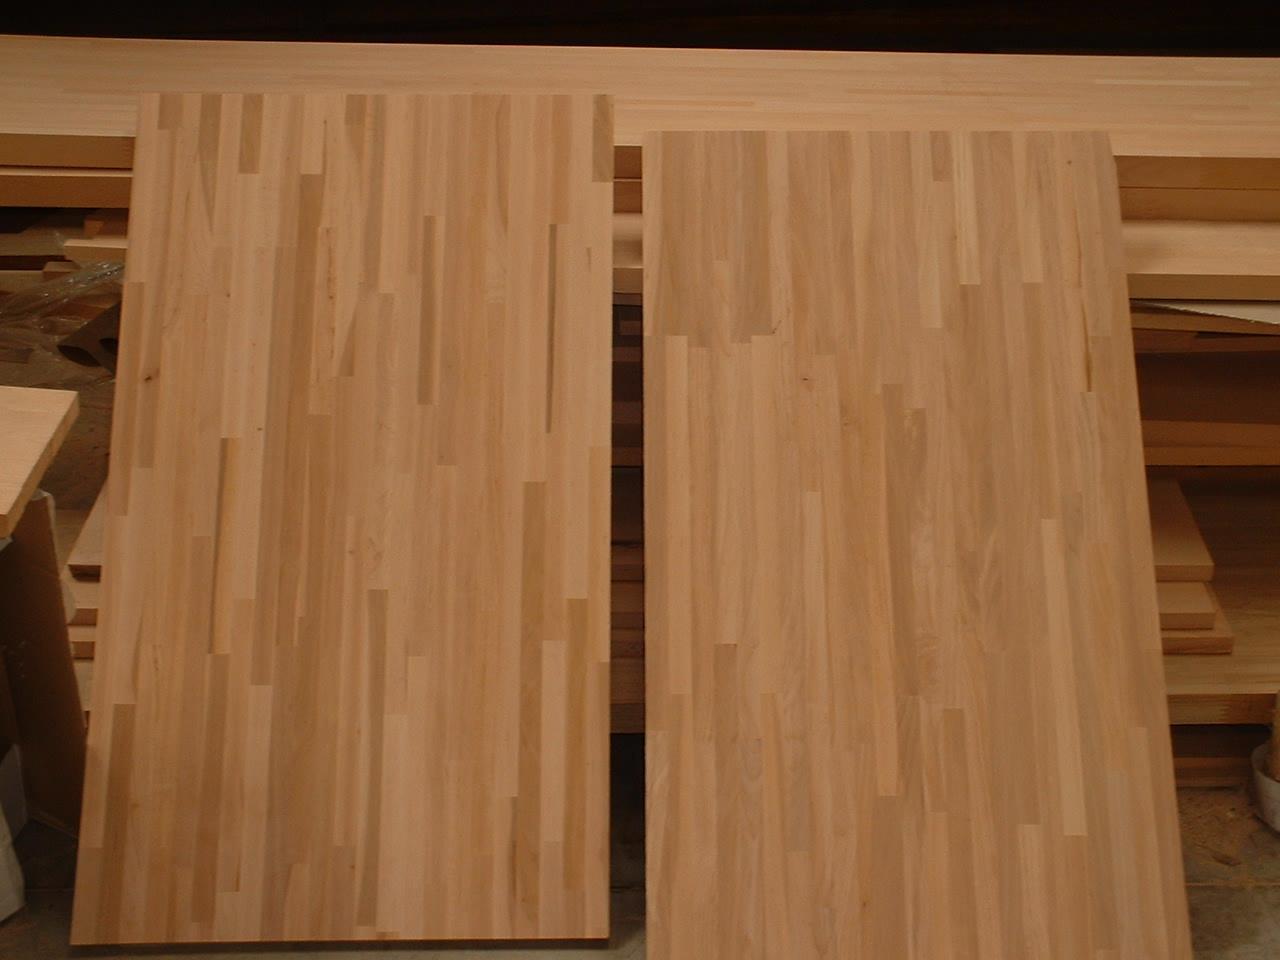 Maderas blandas tipos de maderas y usos - Maderas laminadas tipos ...